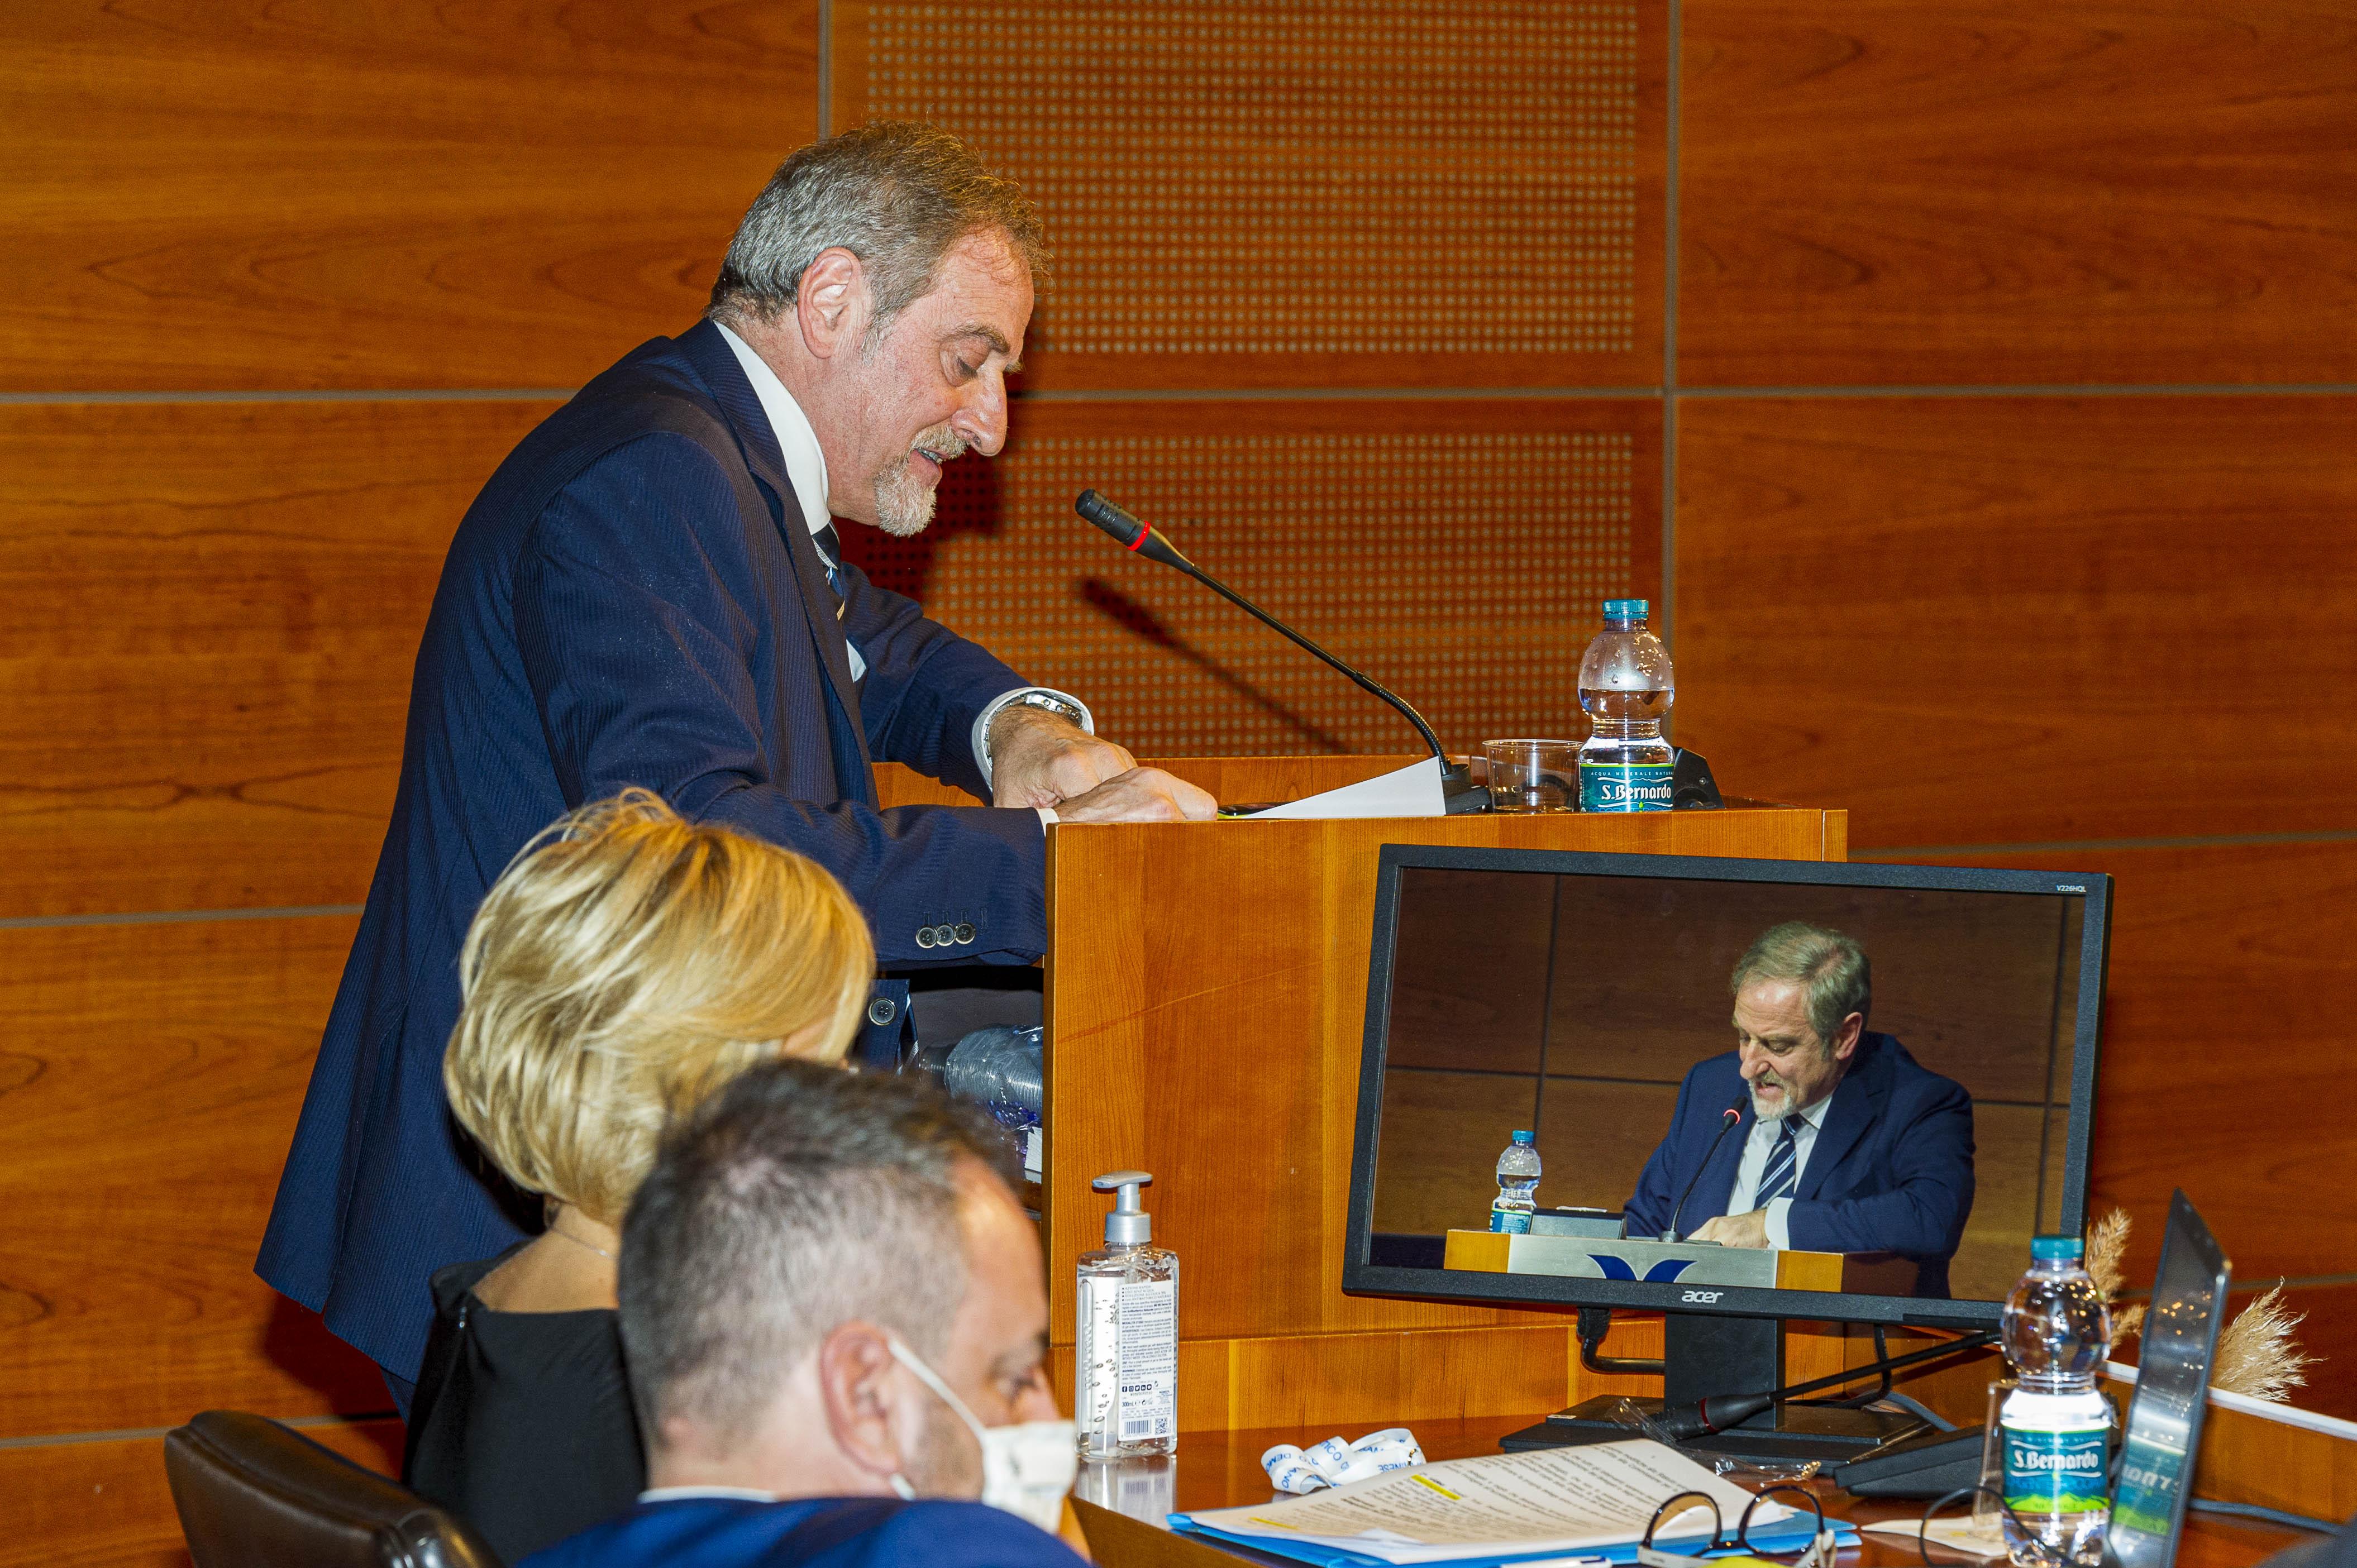 Intervento di replica del Segretario Politico G.C. Venturini XXI Congresso del PDCS 23-24-25 ottobre 2020